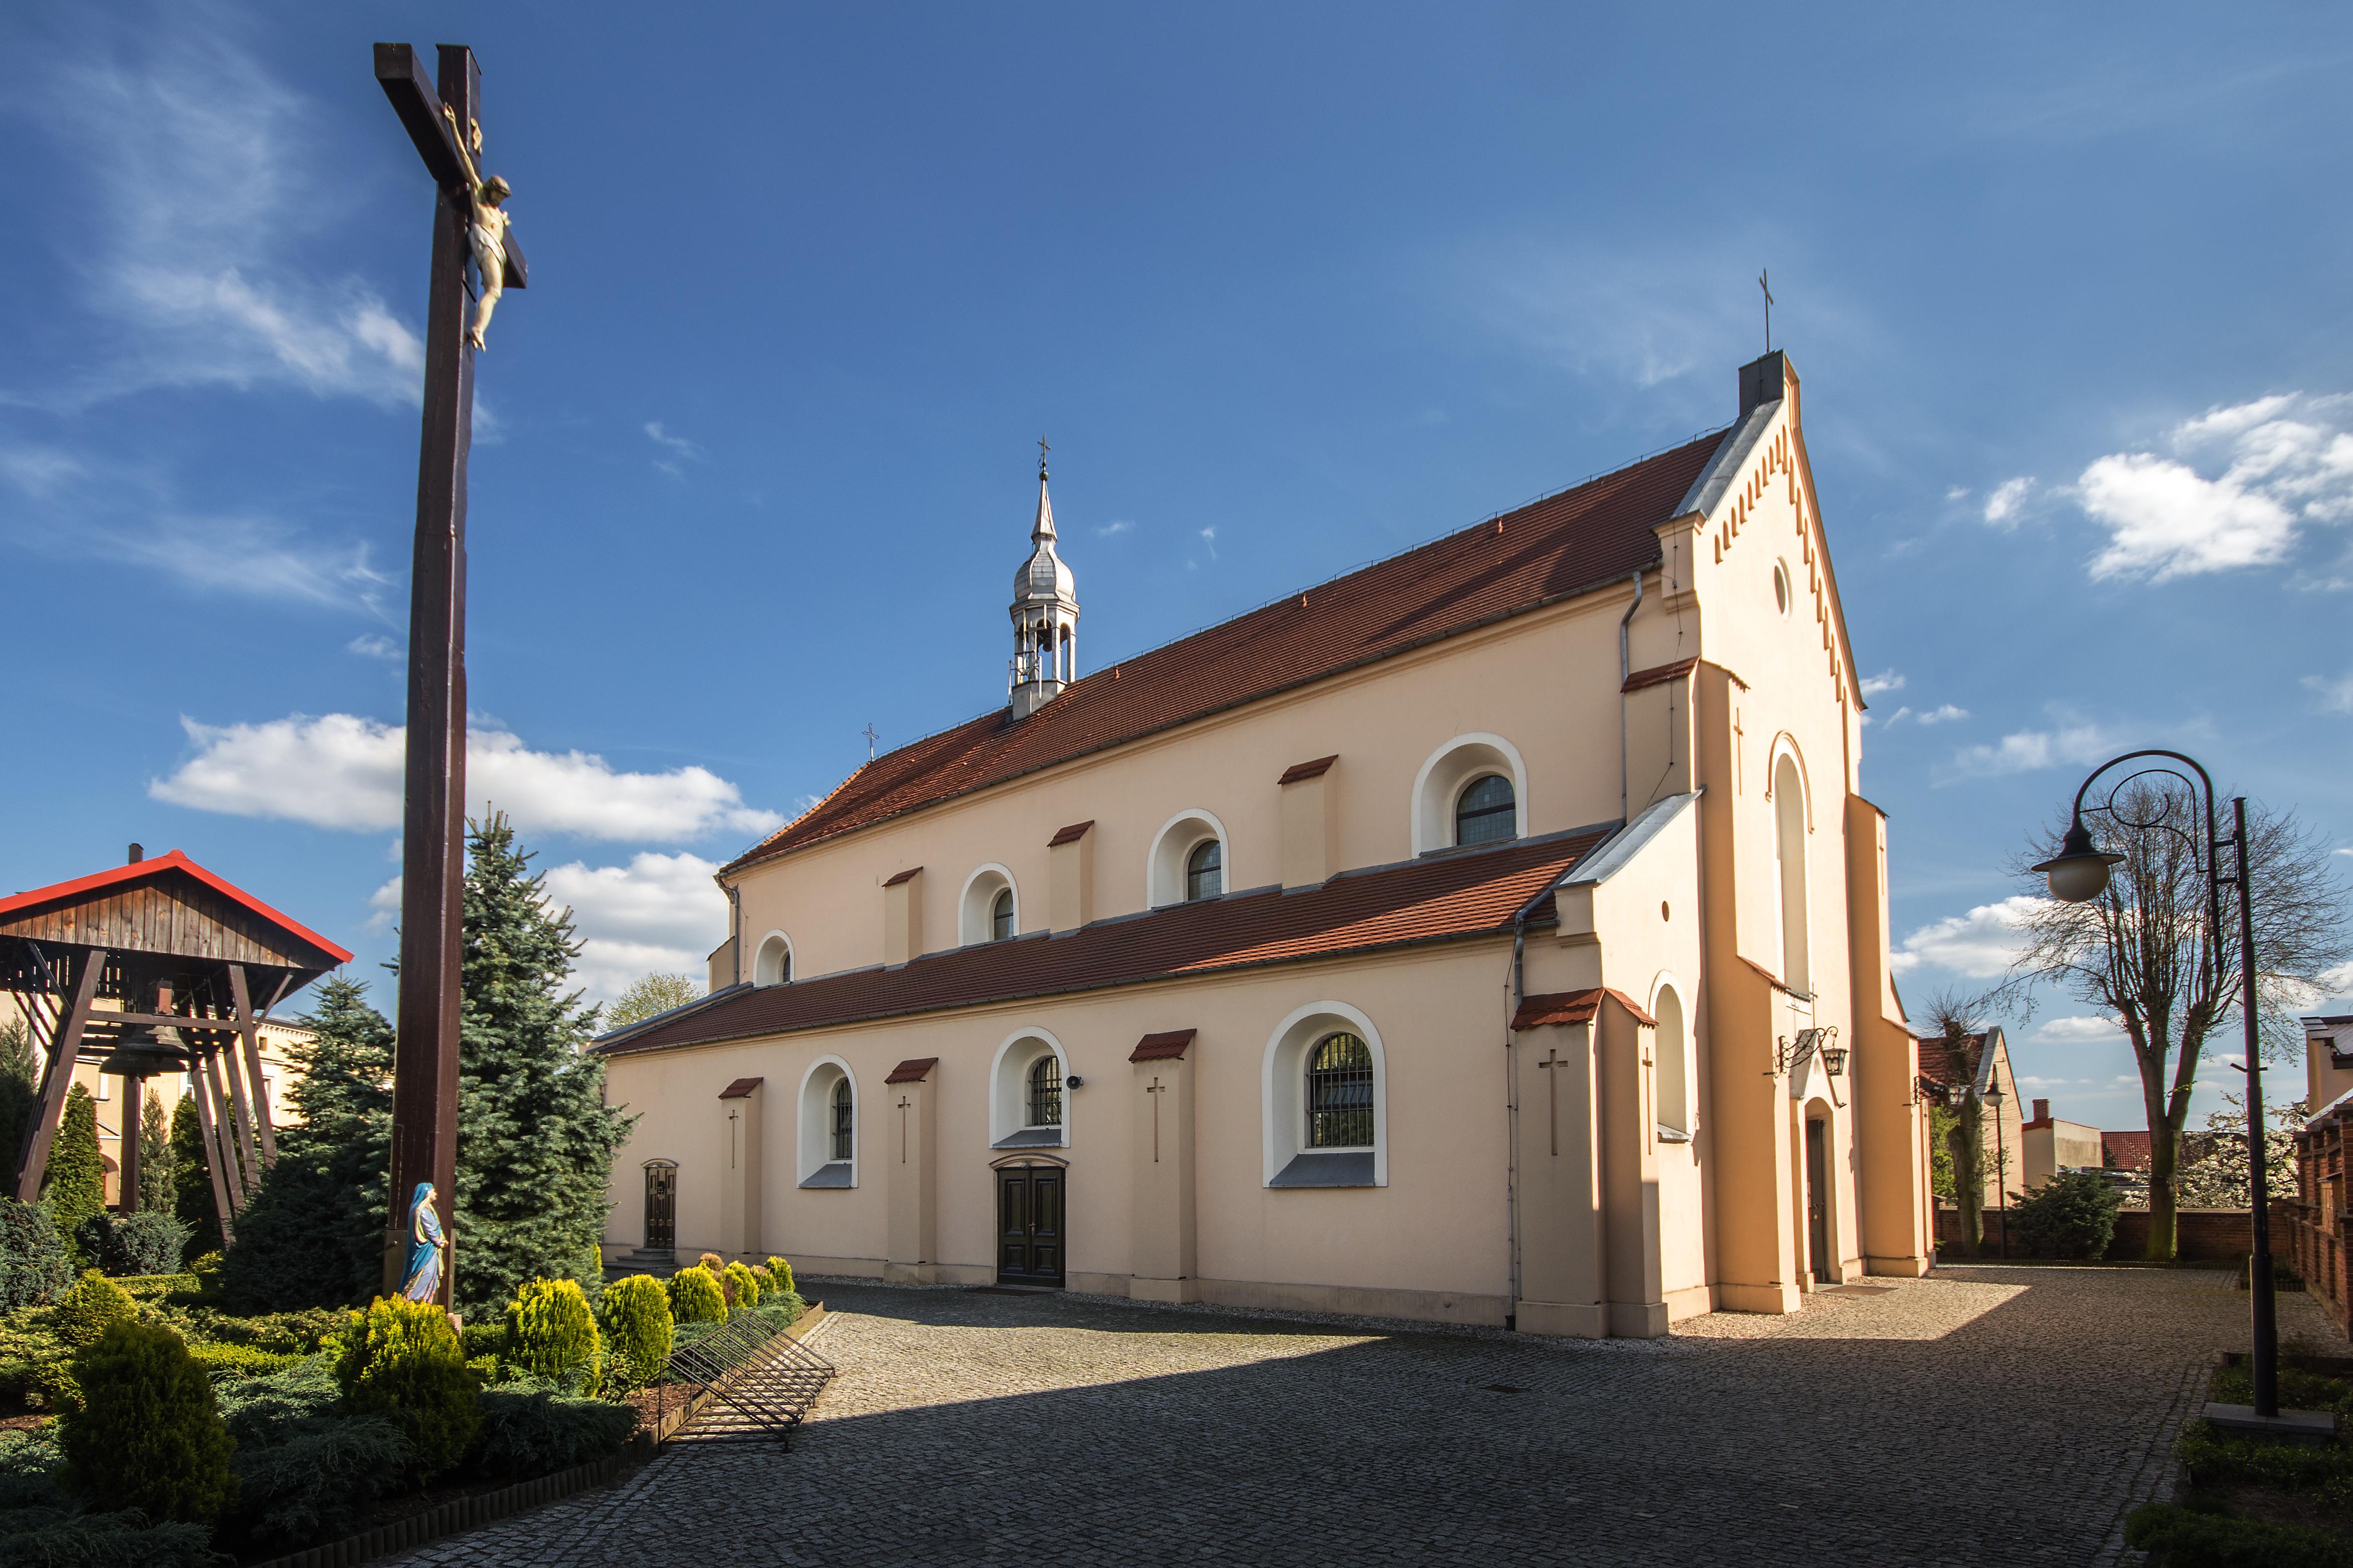 Kościół w Grabowie nad Prosną w powiecie ostrzeszowskim - Wikipedia/Sławomir Milejski